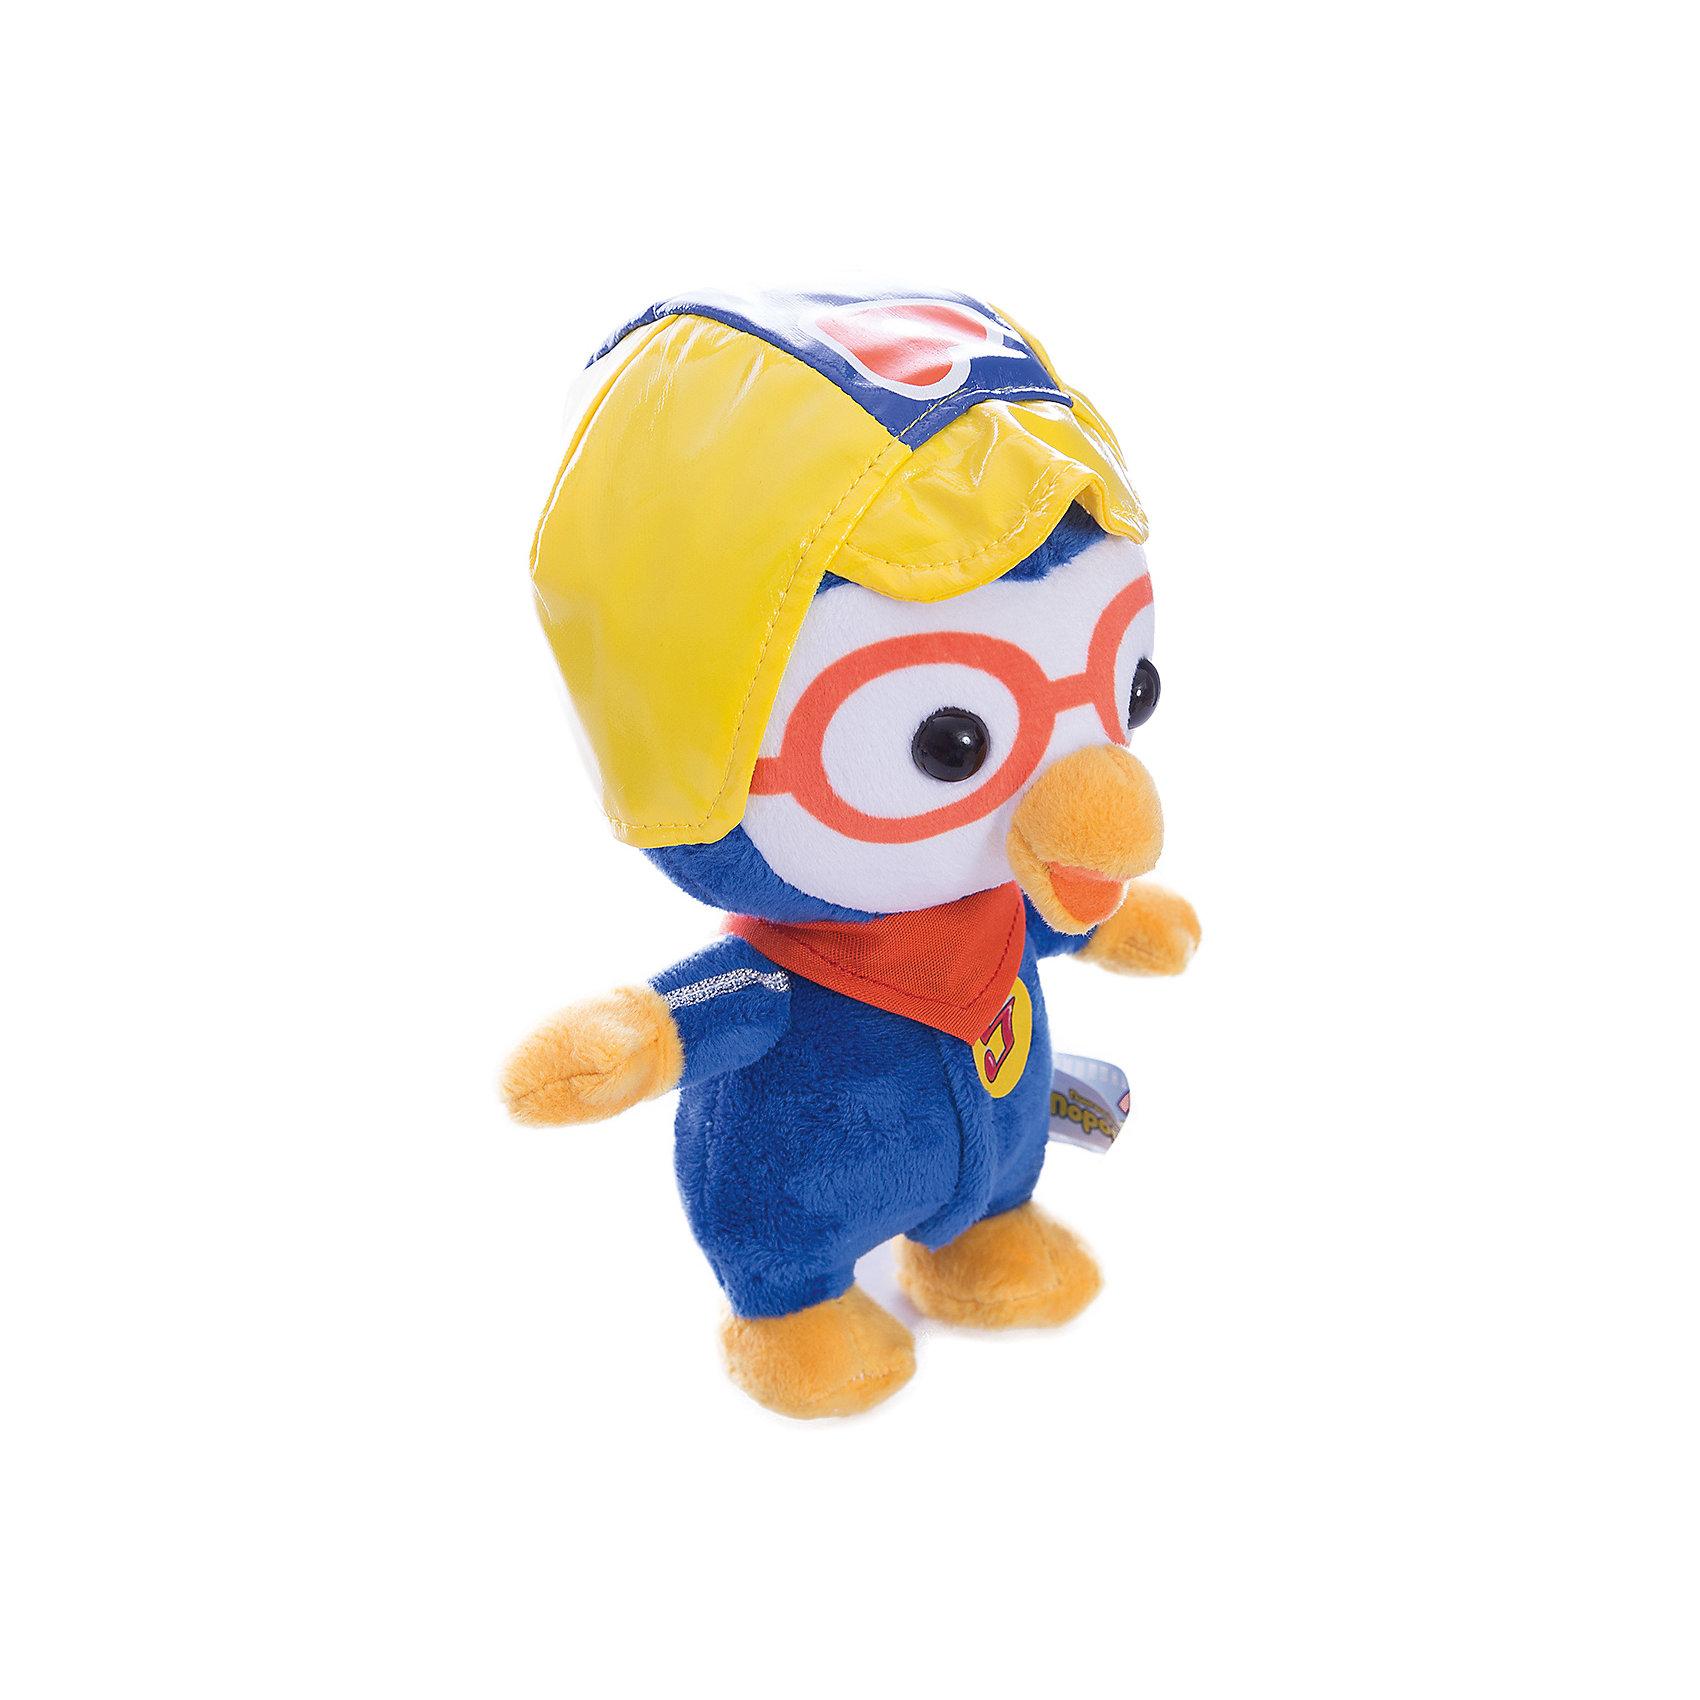 Мягкая игрушка Пороро, Пингвиненок Пороро, МУЛЬТИ-ПУЛЬТИЛюбимые герои<br>Мягкая игрушка Пороро, Пингвиненок Пороро, станет прекрасным подарком для всех маленьких любителей популярного мультсериала Пингвиненок Пороро. Трогательный милый пингвиненок полностью соответствует своему мультперсонажу. У него мягкая, приятная на ощупь шерстка и веселая дружелюбная мордочка с оранжевым клювом. Пингвиненок одет в синий комбинезон и желтый шлем, игрушка озвучена. Симпатичный пингвиненок станет замечательным другом Вашему ребенку, игрушка способствует развитию фантазии, воображения, тактильного восприятия и мелкой моторики.<br><br>Дополнительная информация:<br><br>- Материал: текстиль.<br>- Размер игрушки: 18 см.<br>- Размер упаковки: 20 х 23 х 11 см.<br>- Вес: 120 гр.<br><br>Мягкую игрушку Пороро, Пингвиненок Пороро, Мульти-Пульти, можно купить в нашем интернет-магазине.<br><br>Ширина мм: 200<br>Глубина мм: 230<br>Высота мм: 110<br>Вес г: 120<br>Возраст от месяцев: 36<br>Возраст до месяцев: 144<br>Пол: Унисекс<br>Возраст: Детский<br>SKU: 4546570